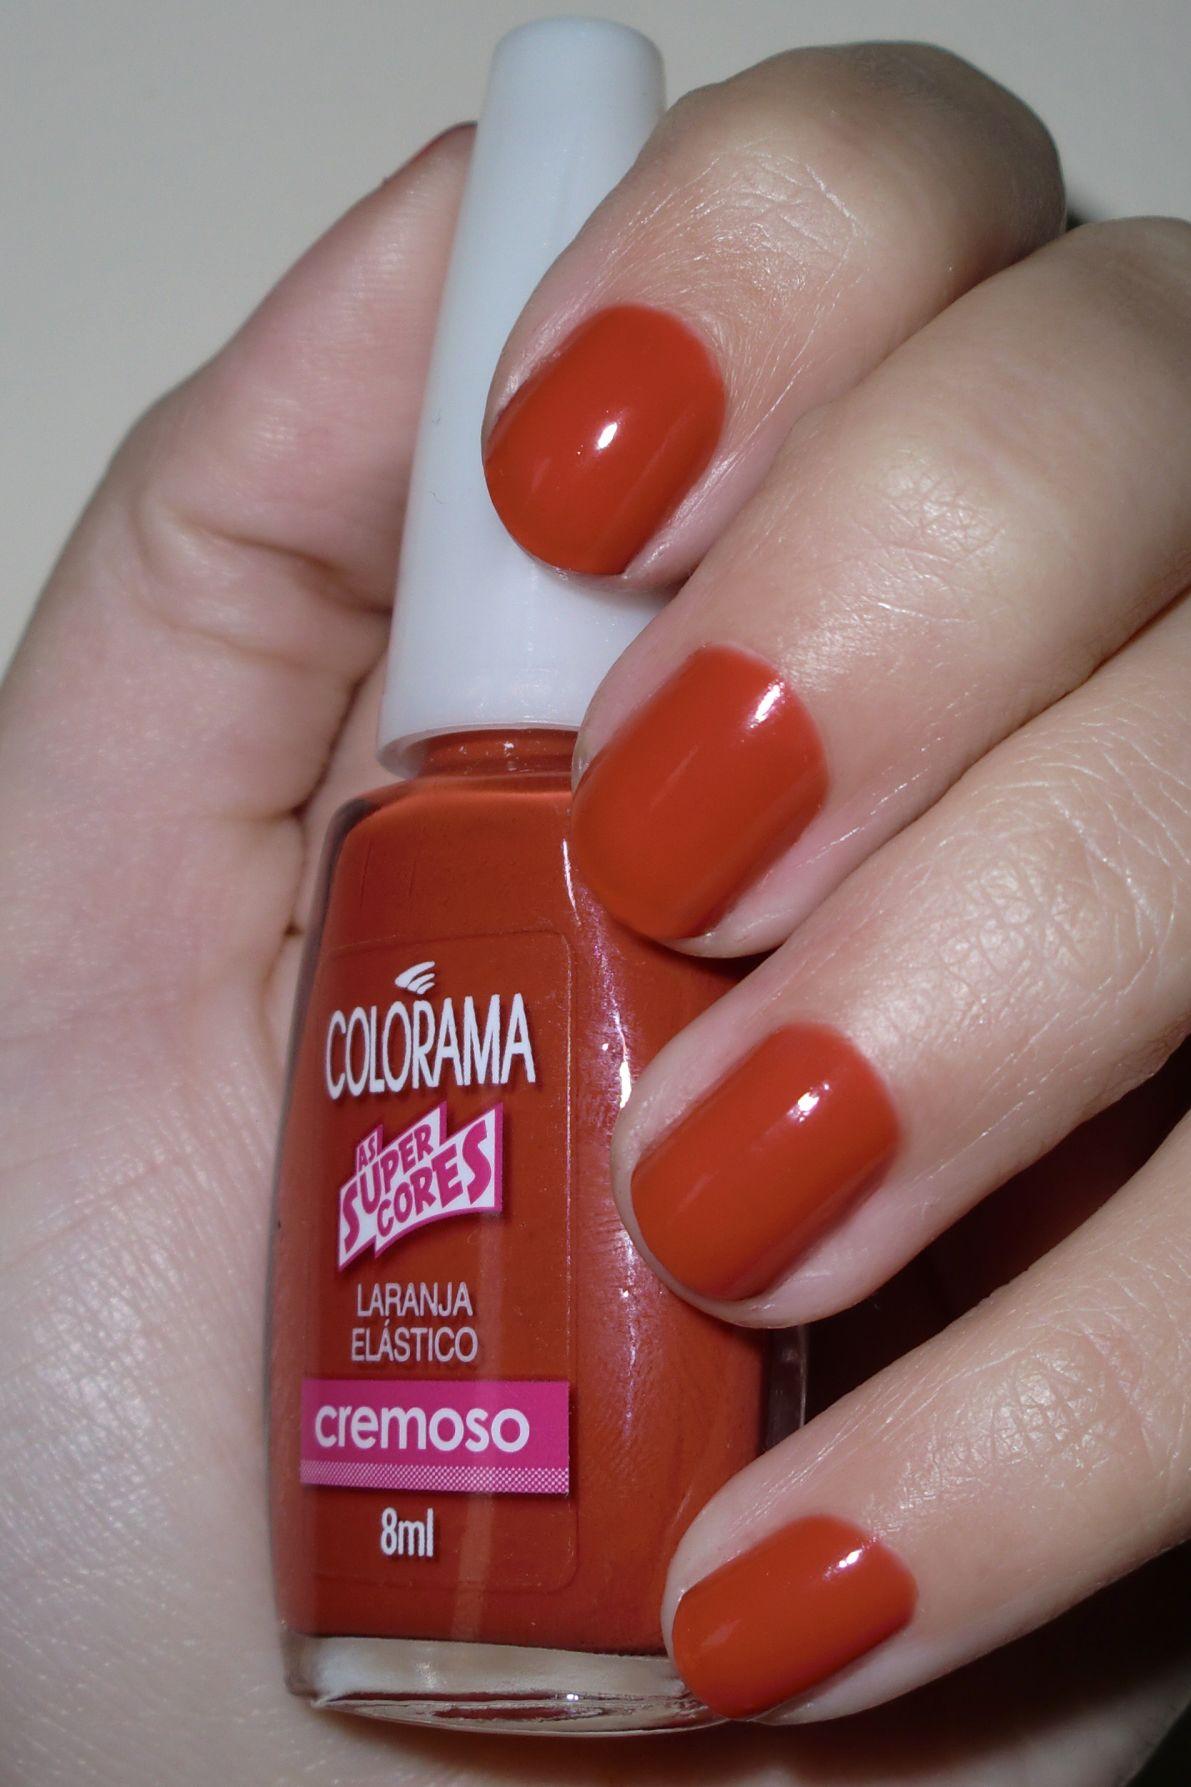 Colorama - As Super Cores - Laranja Elástico (2012)